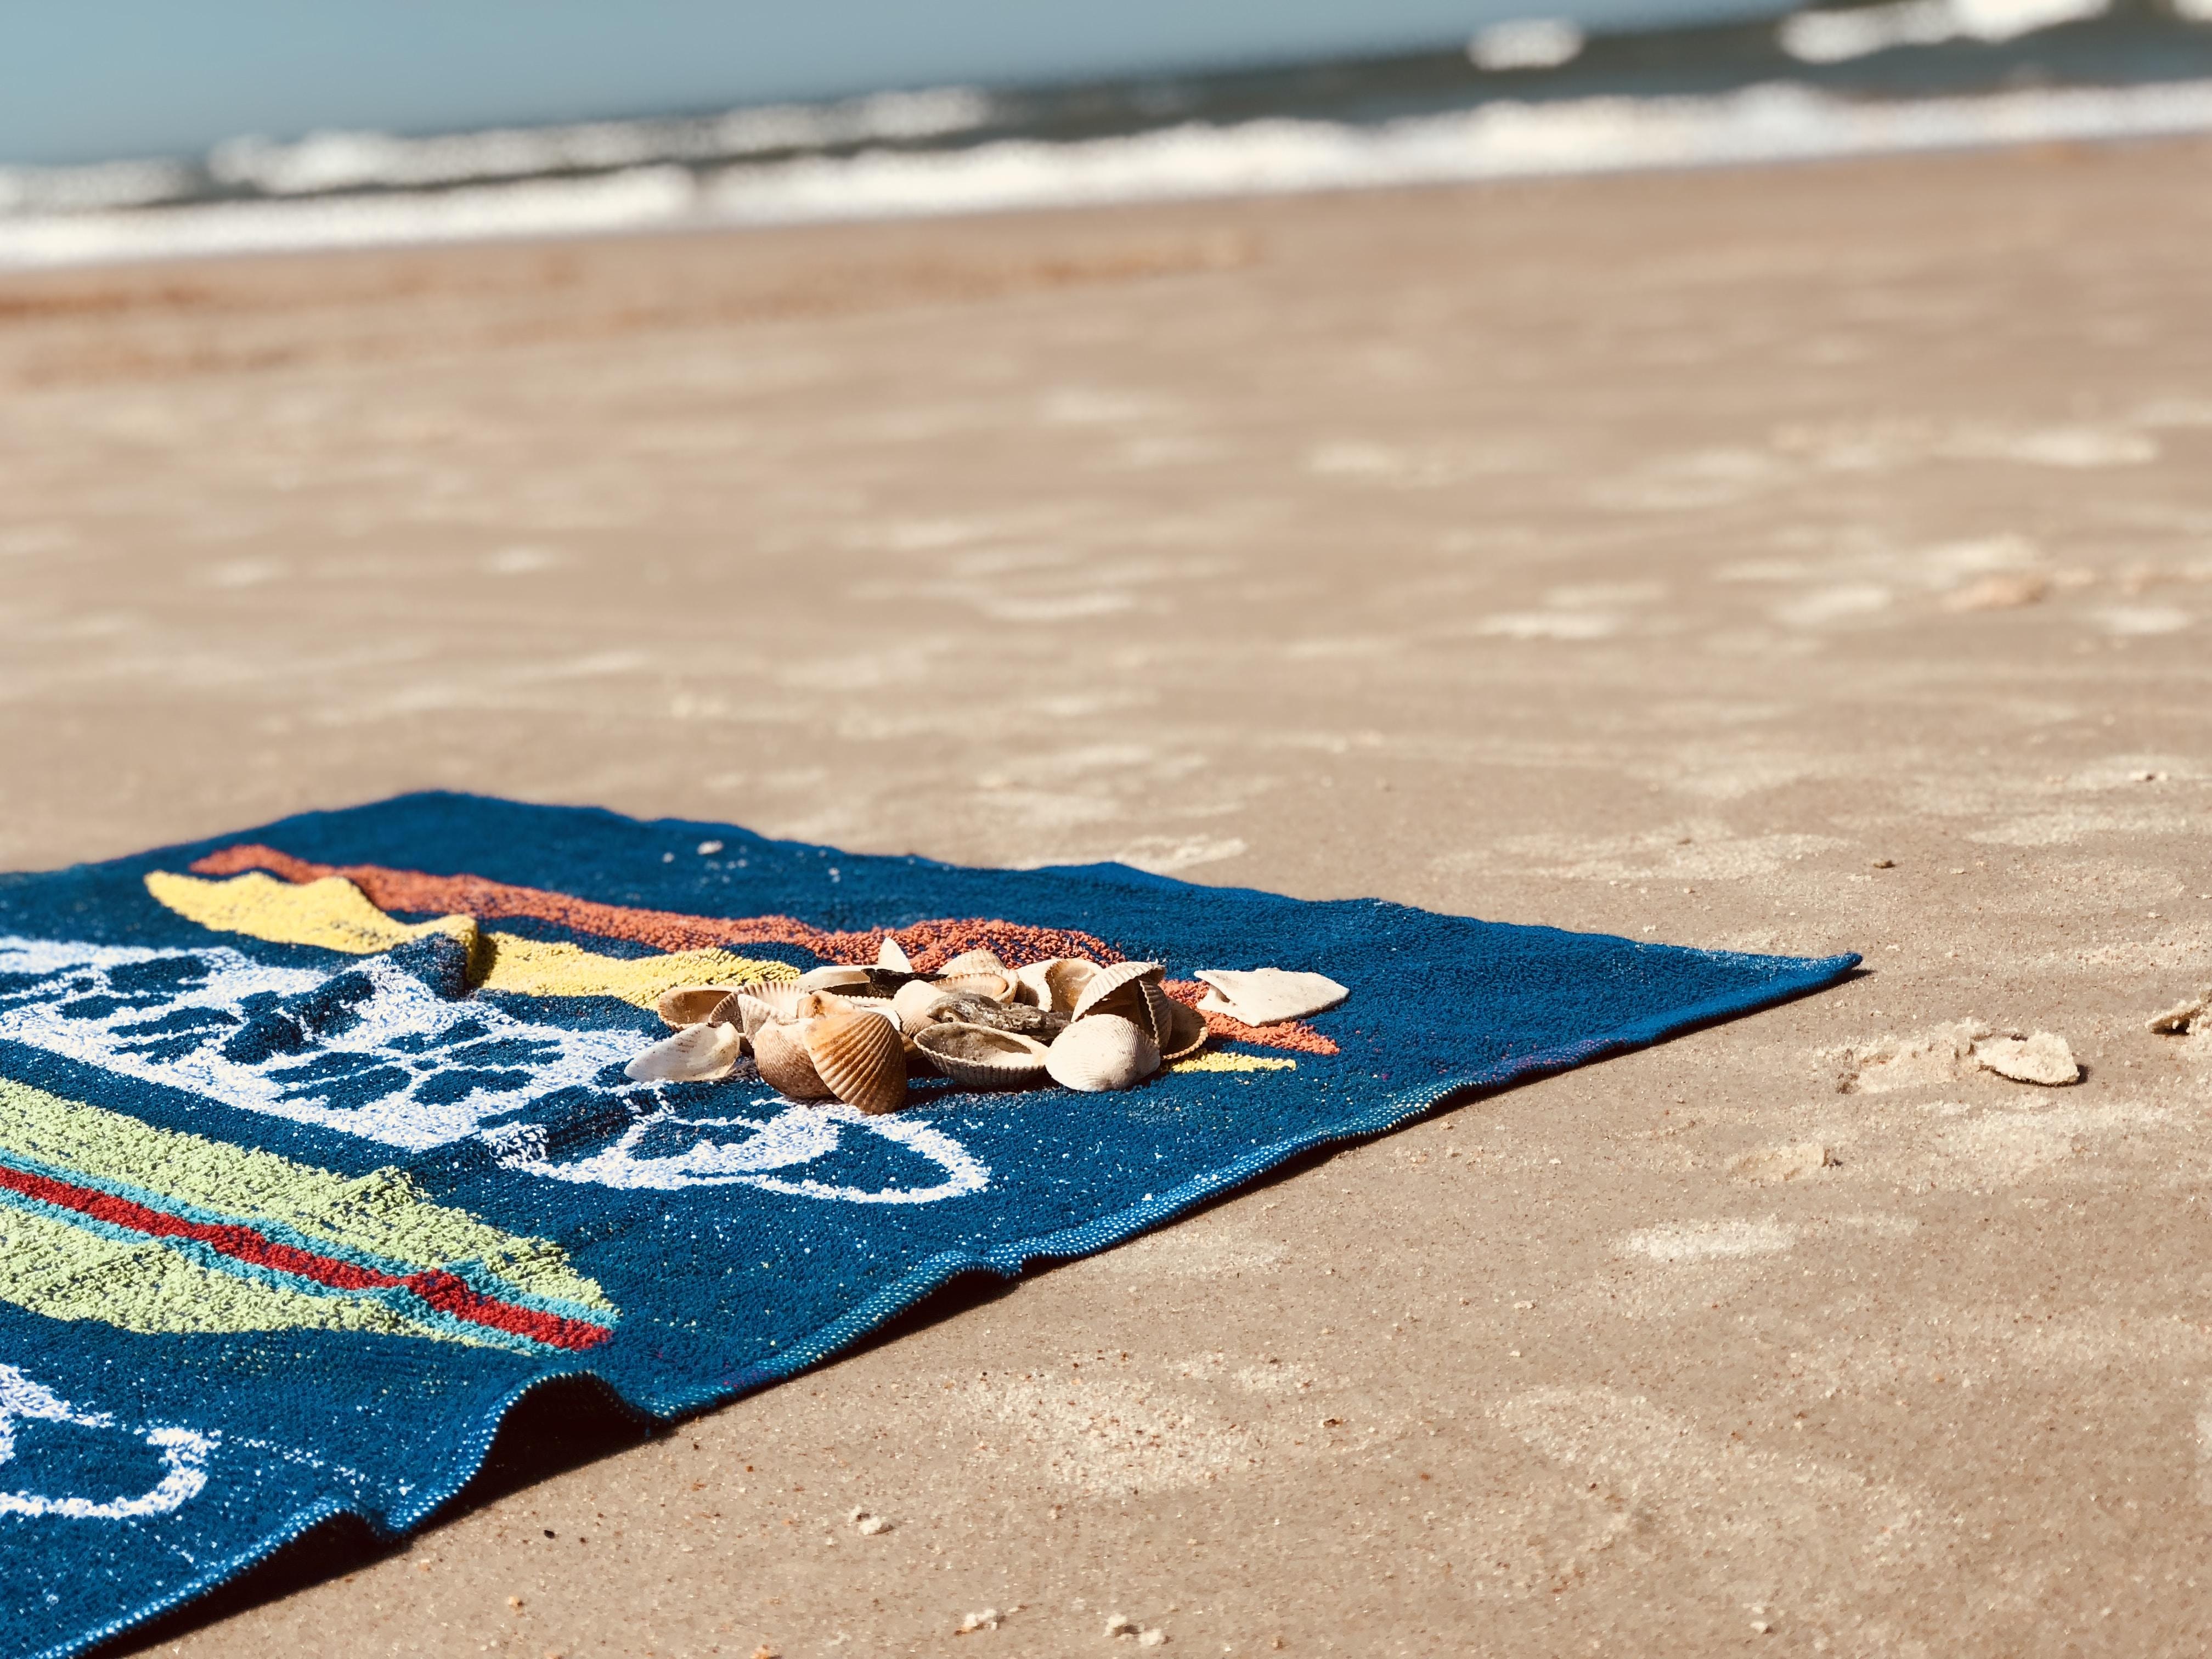 seashell on blue bath towel on shore